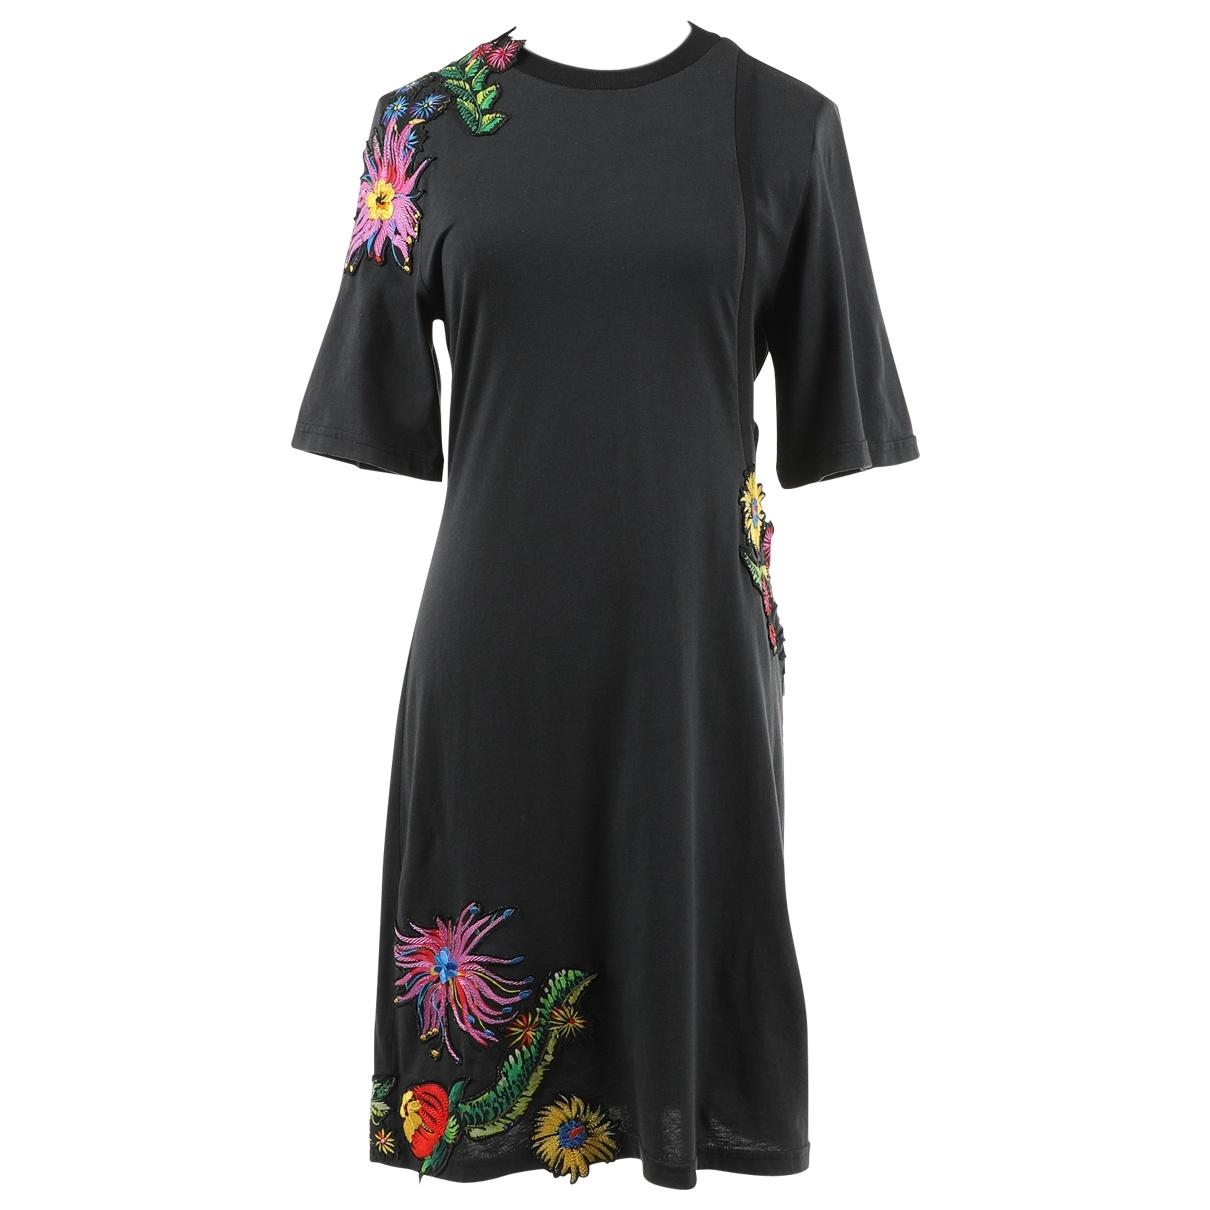 3.1 Phillip Lim \N Kleid in  Schwarz Baumwolle